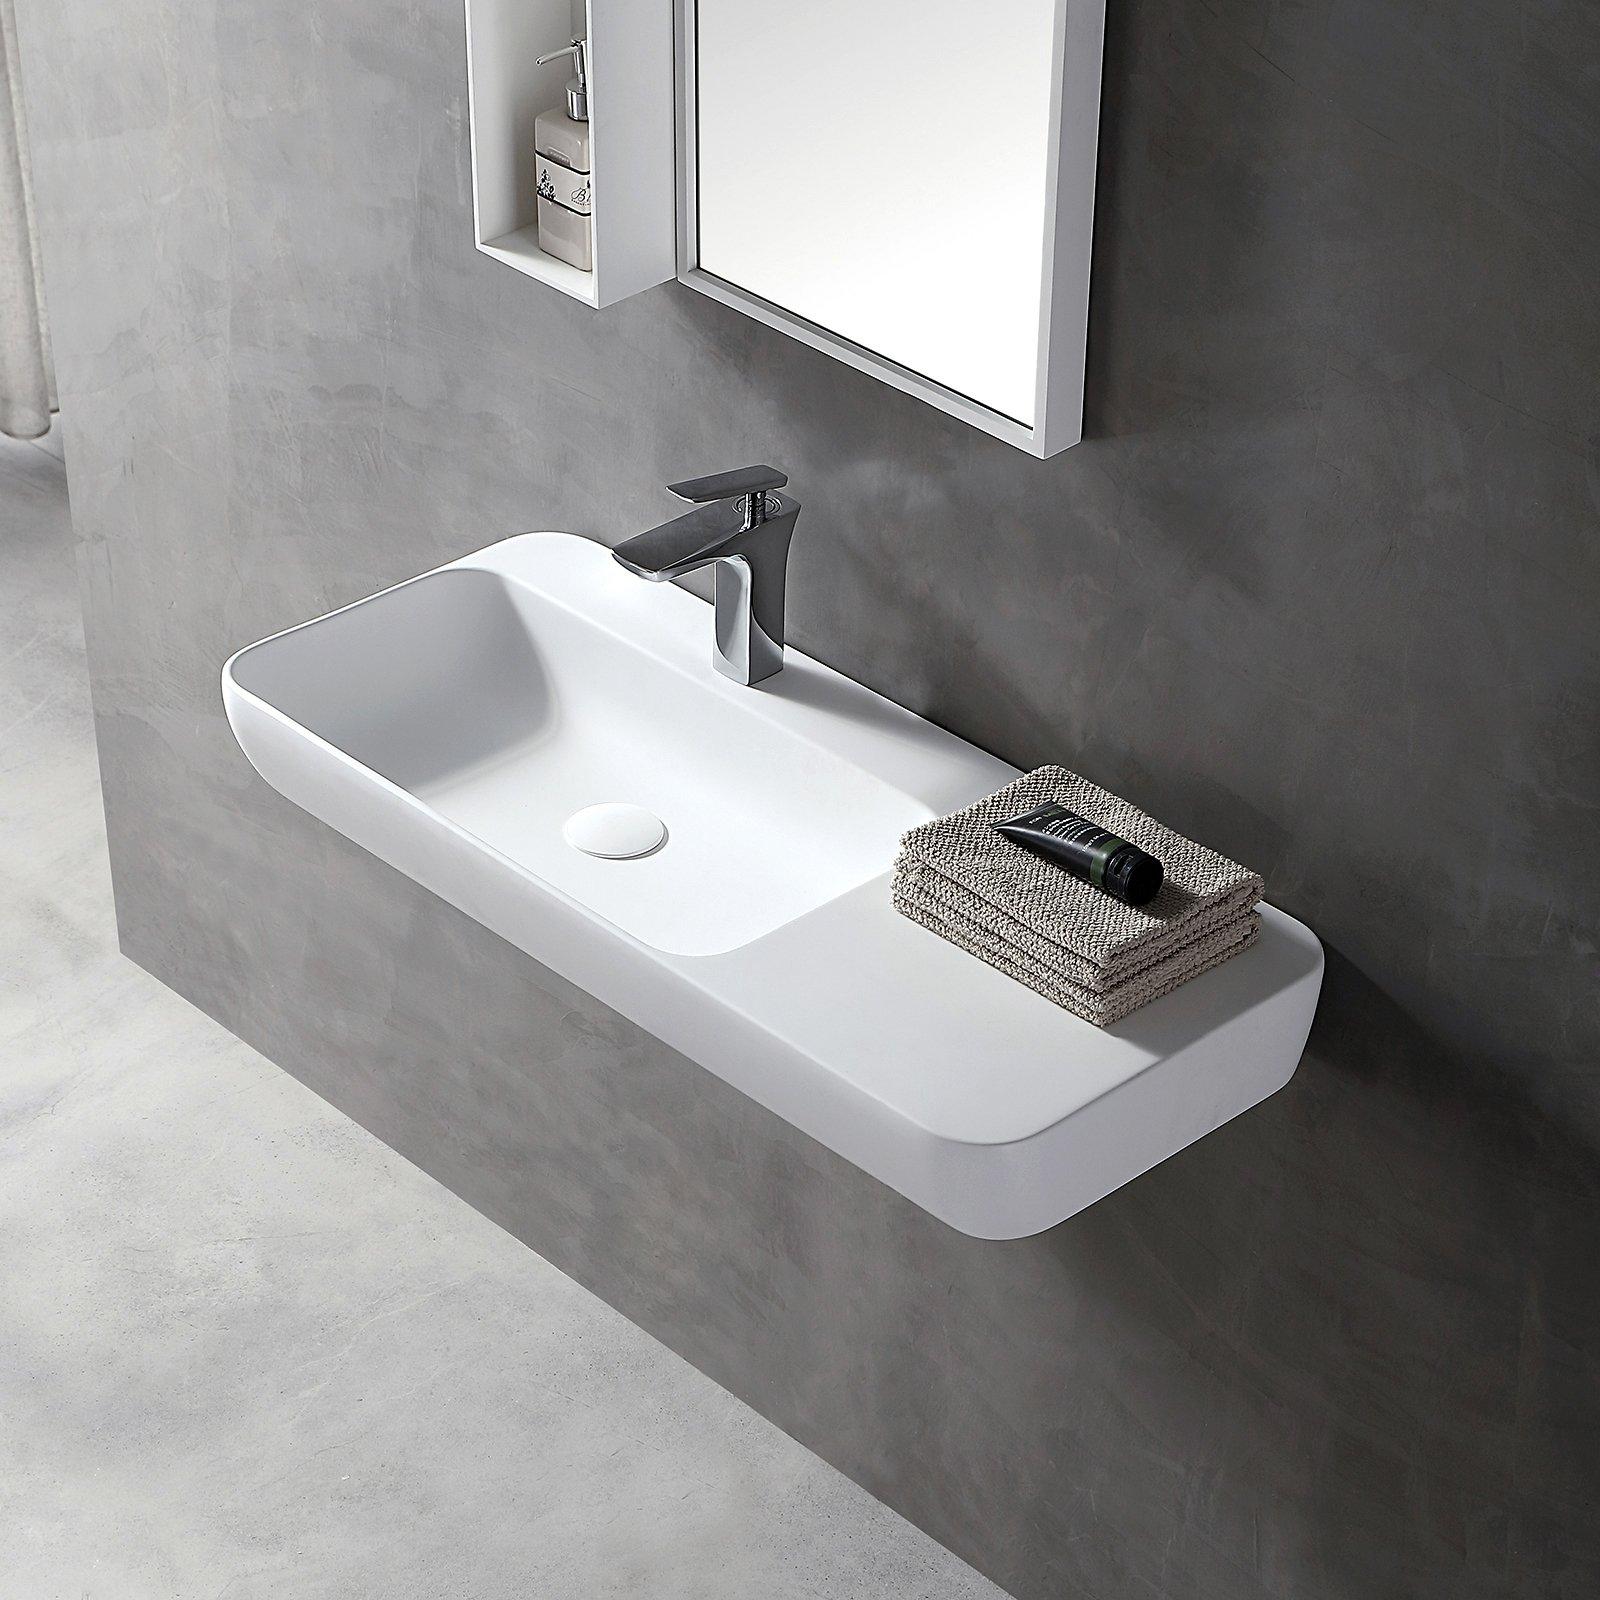 Wandwaschbecken Aufsatzwaschbecken TWG202 aus Mineralguss Solid Stone - Weiß matt - 90x40x12cm